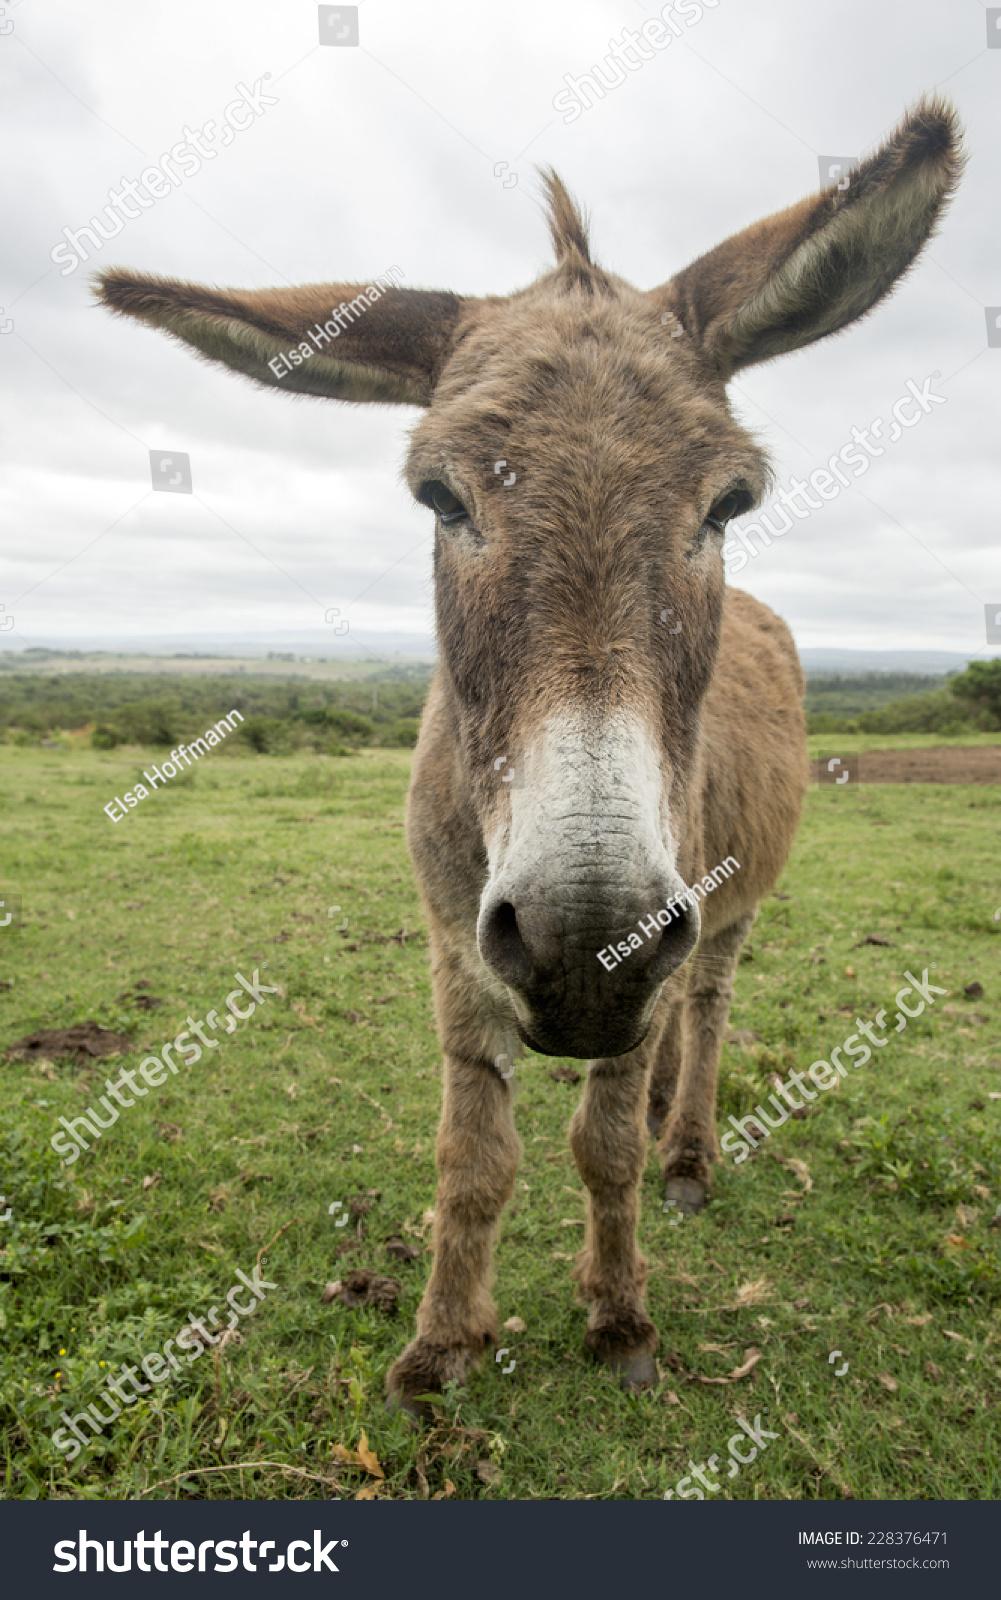 有趣的驴,大耳朵长-动物/野生生物-海洛创意(hellorf)